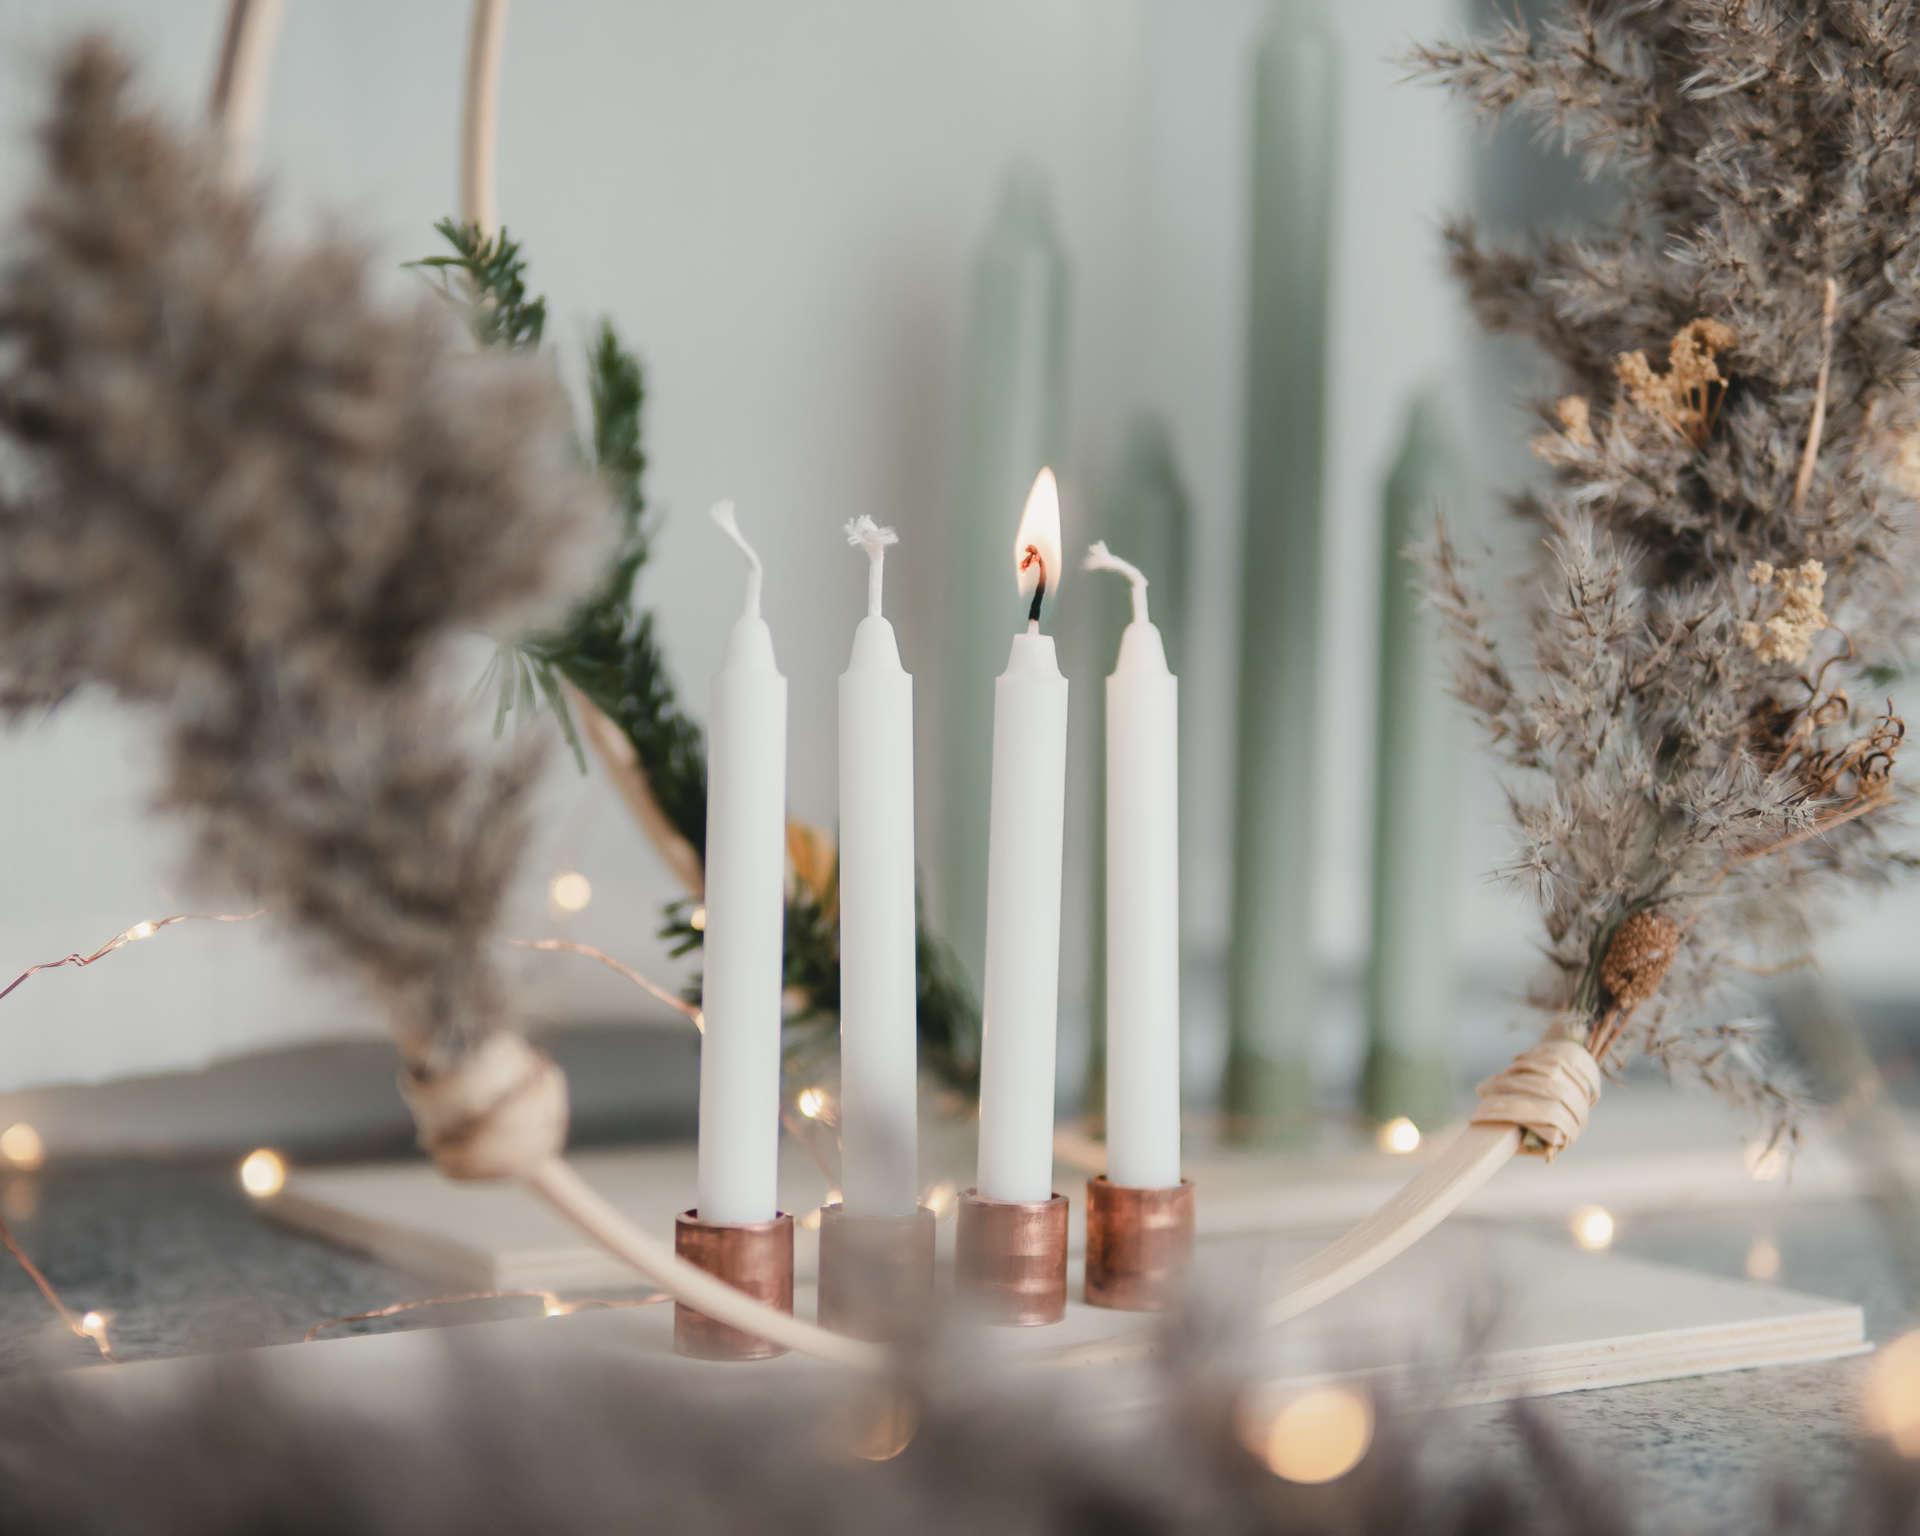 Advents-DIY